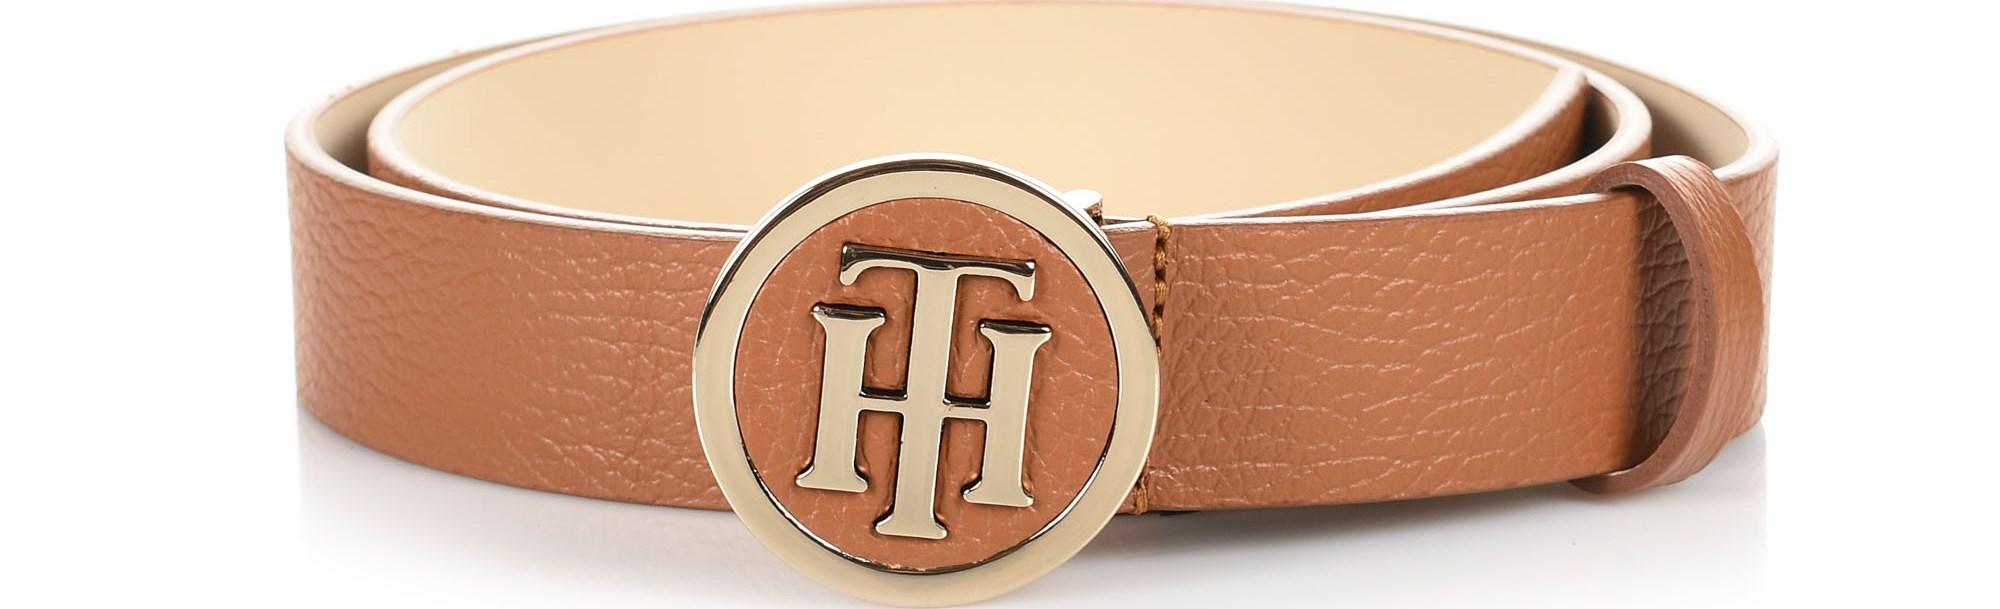 Δερμάτινη Ζώνη Tommy Hilfiger TH Round Belt AW0AW06167